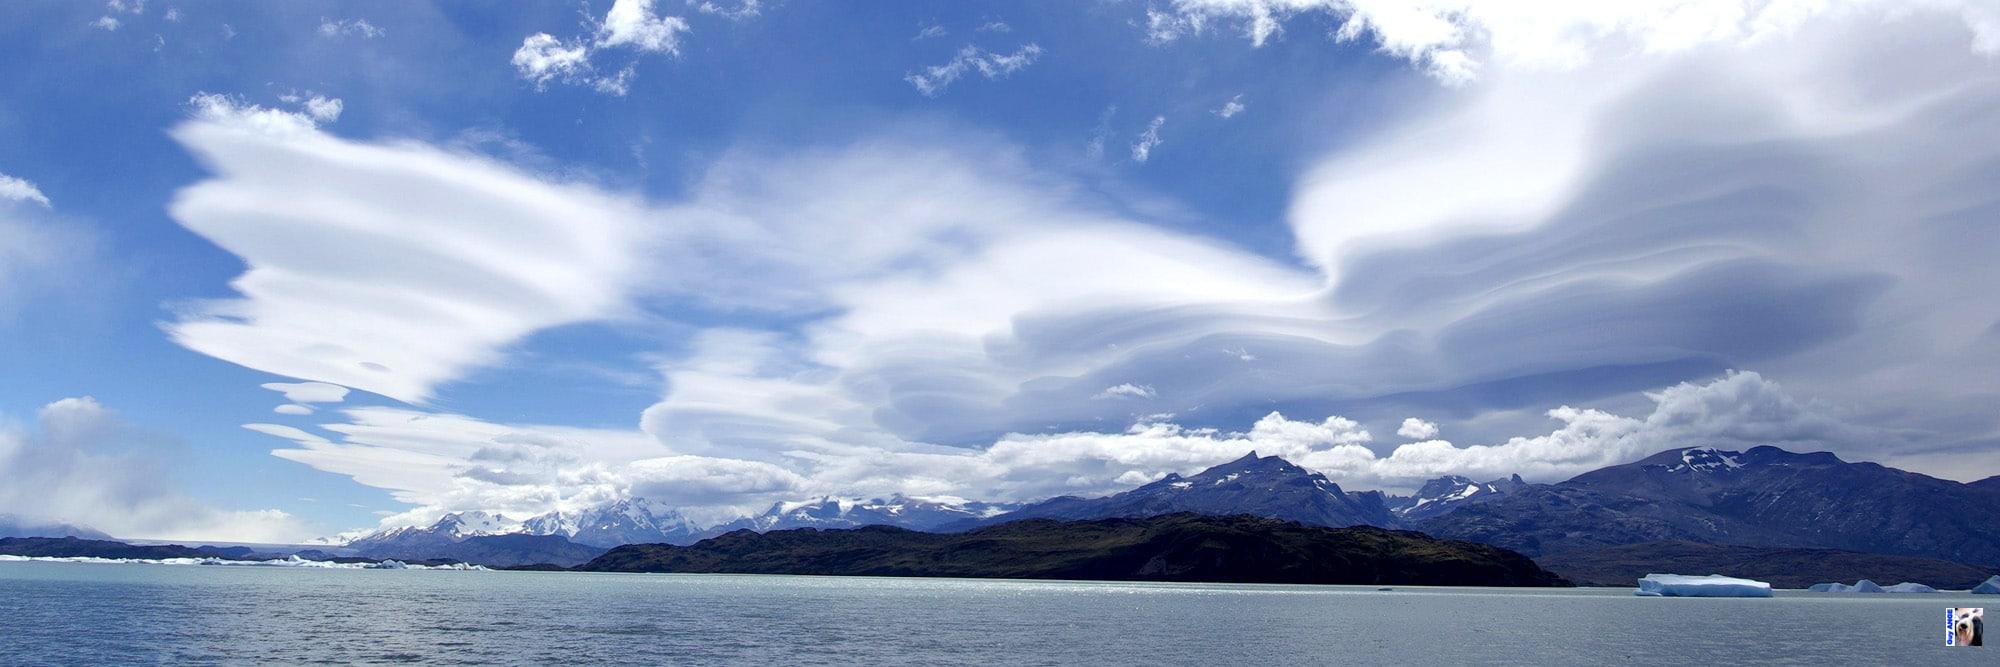 Autre virée en bateau pour voir le Lago Grey et le glacier du même nom.